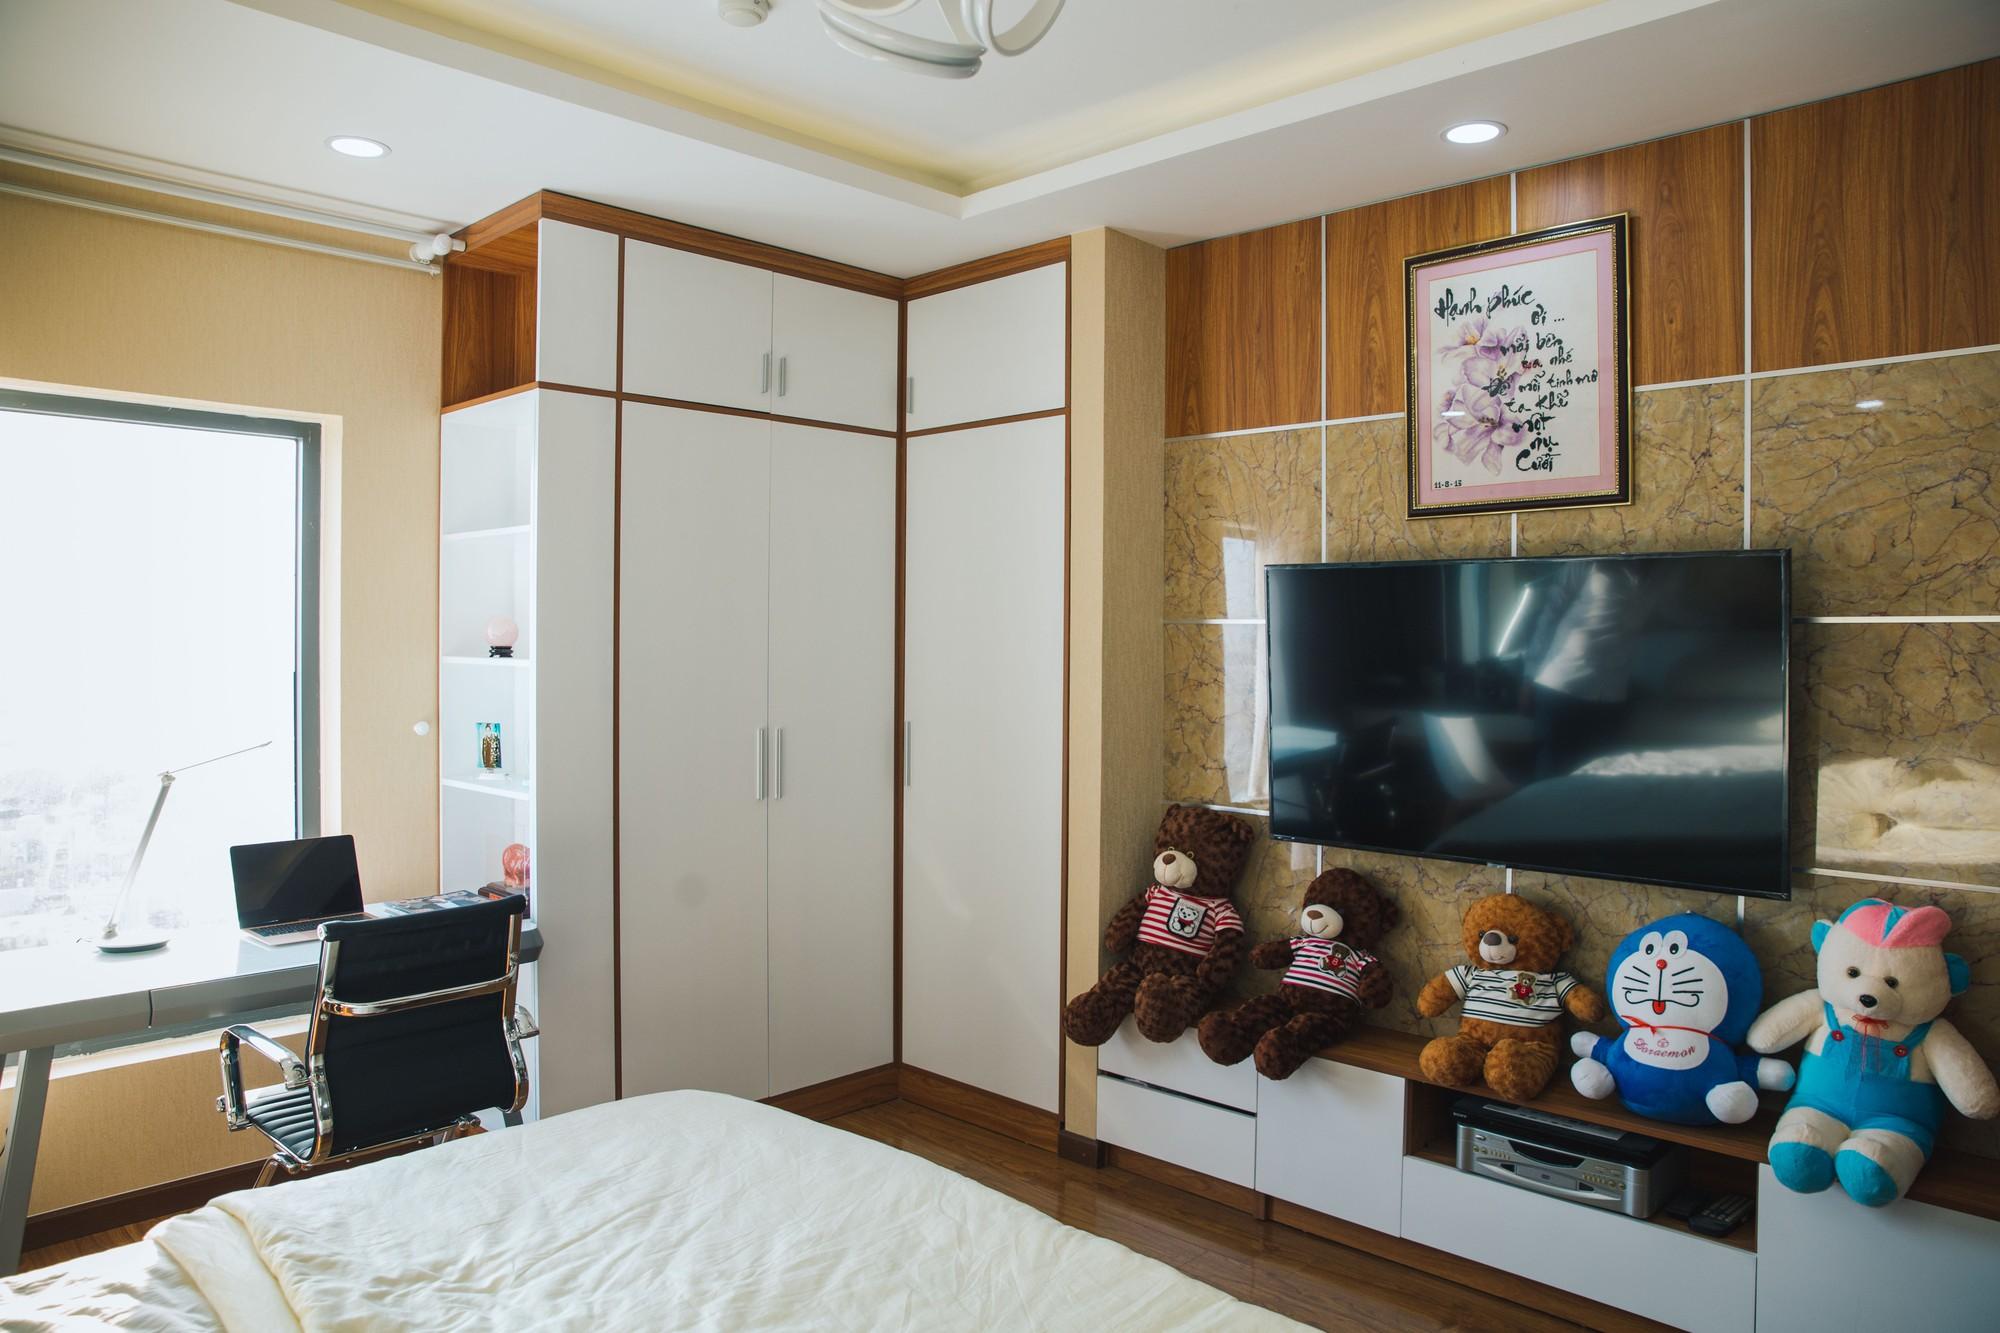 Diễn viên Minh Luân tự hào khoe căn hộ rộng 100 m2 sau 10 năm lập nghiệp ở TP HCM - Hình 10